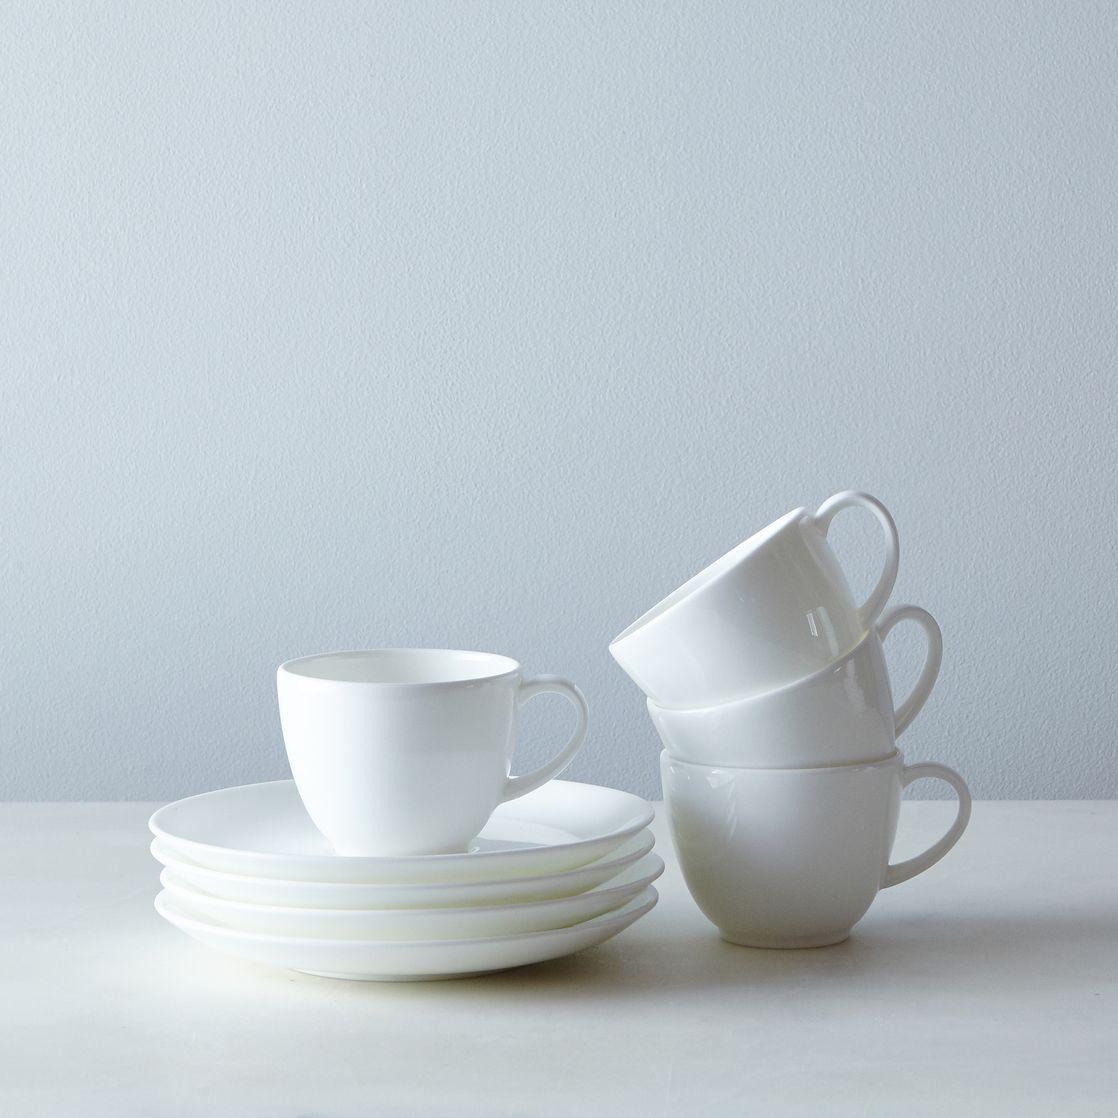 purio white espresso cup  saucer (set of )  whiteware  coffee  - purio white espresso cup  saucer (set of